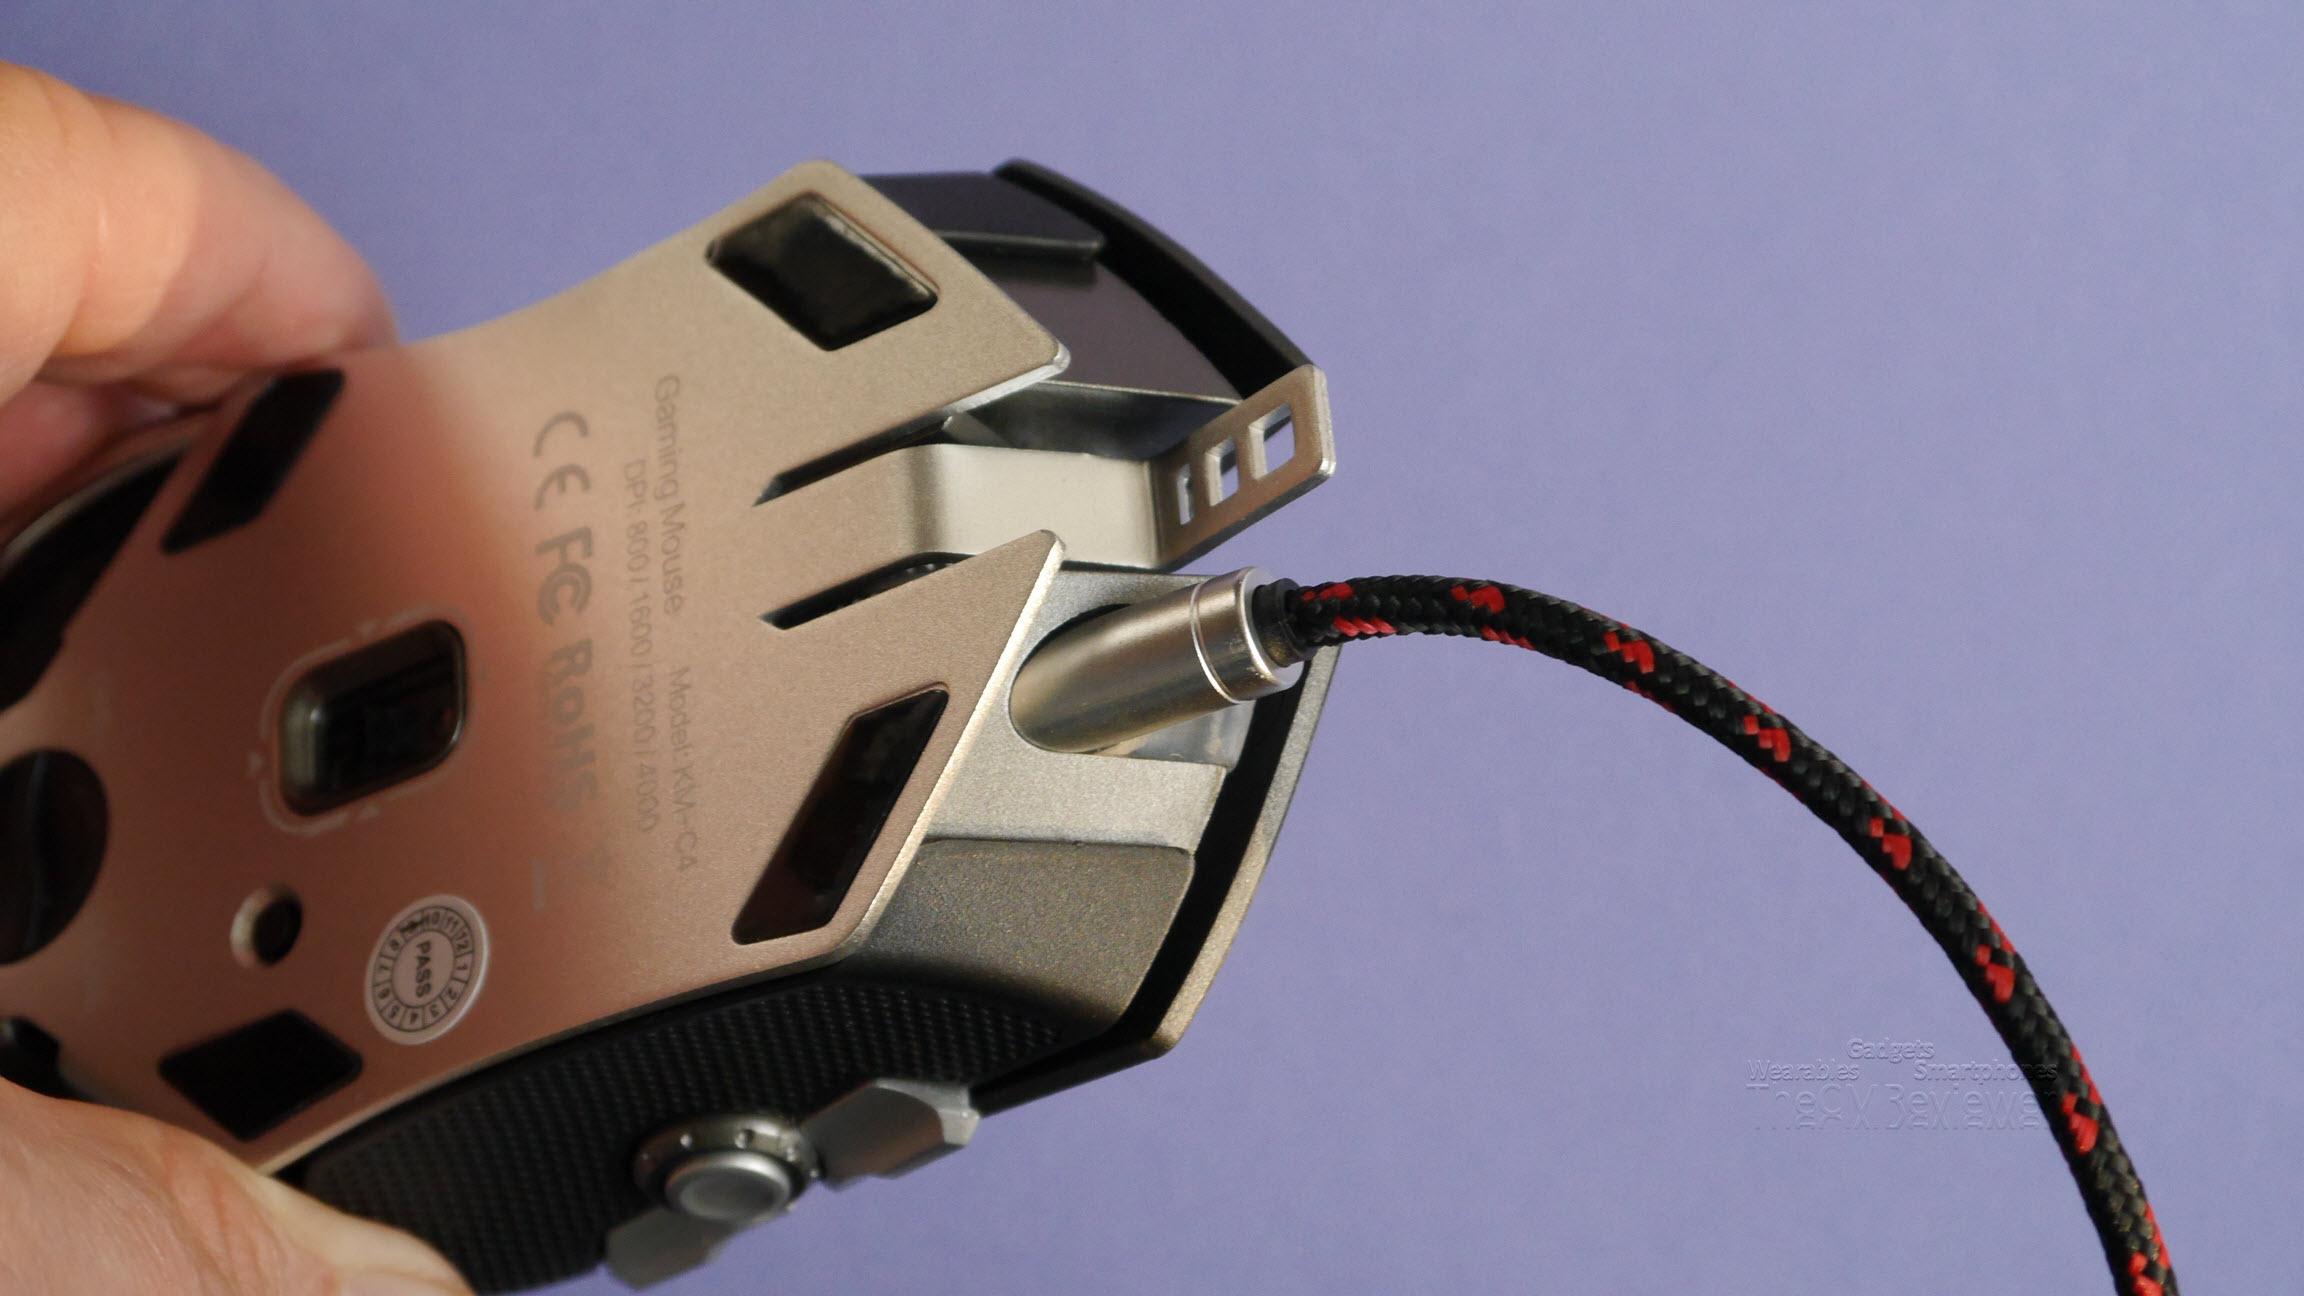 uleFone Armor Review - 4.7'' LTE MK6753 Octacore Gorilla Glass 3 3/32GB 13/5MP Rugged Outdoor - Ein robustes wasserfestes Smartphone im Test